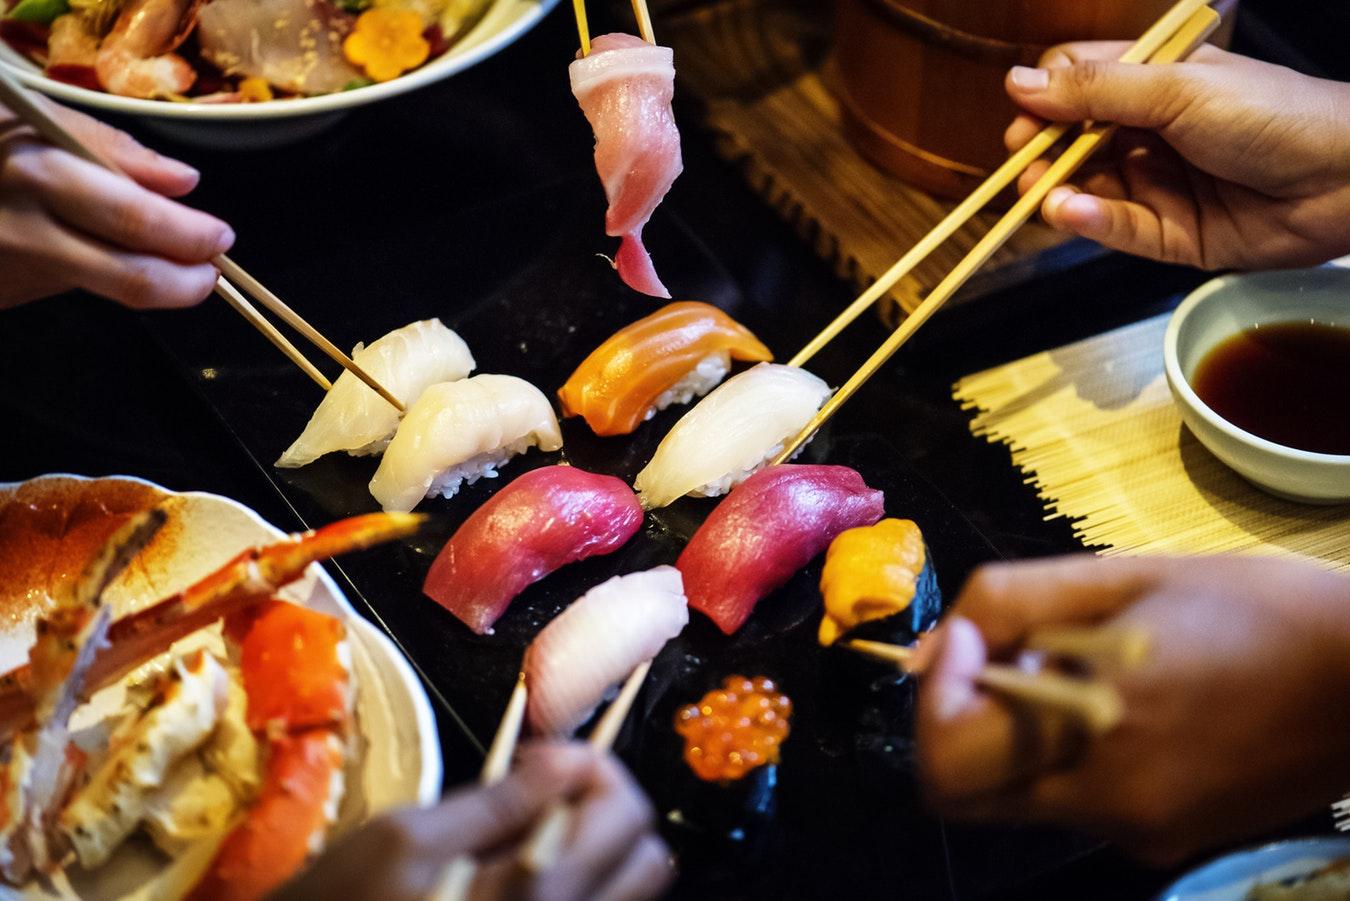 Groupe d'amis qui partage un repas typiquement japonais avec des sushis et des sashimis